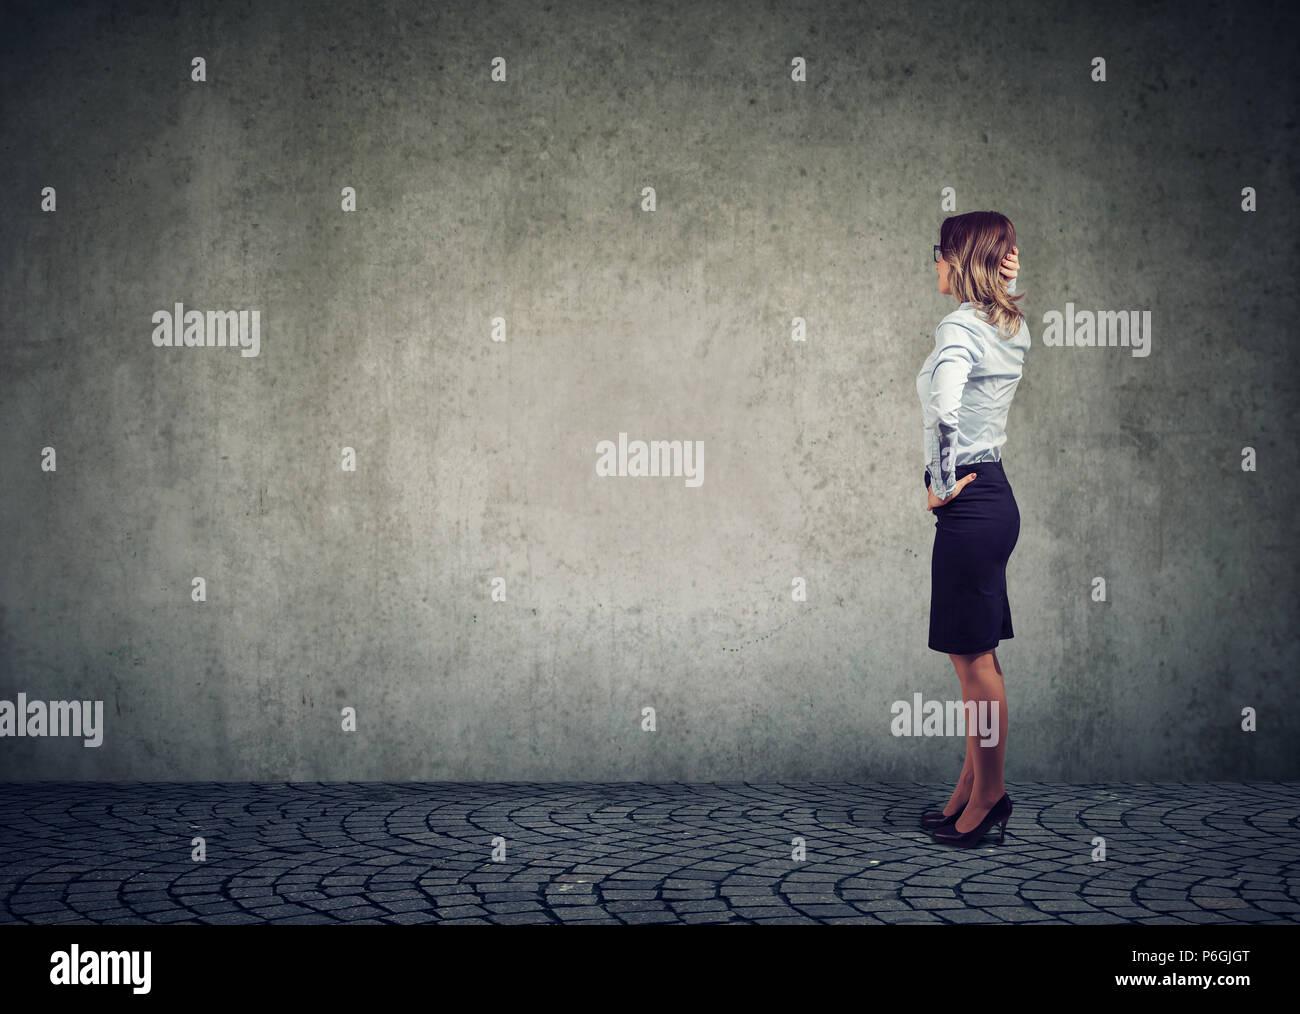 Vista laterale di imprenditrice in piedi di fronte a muro grigio e contemplando nel tentativo di risolvere il problema Immagini Stock